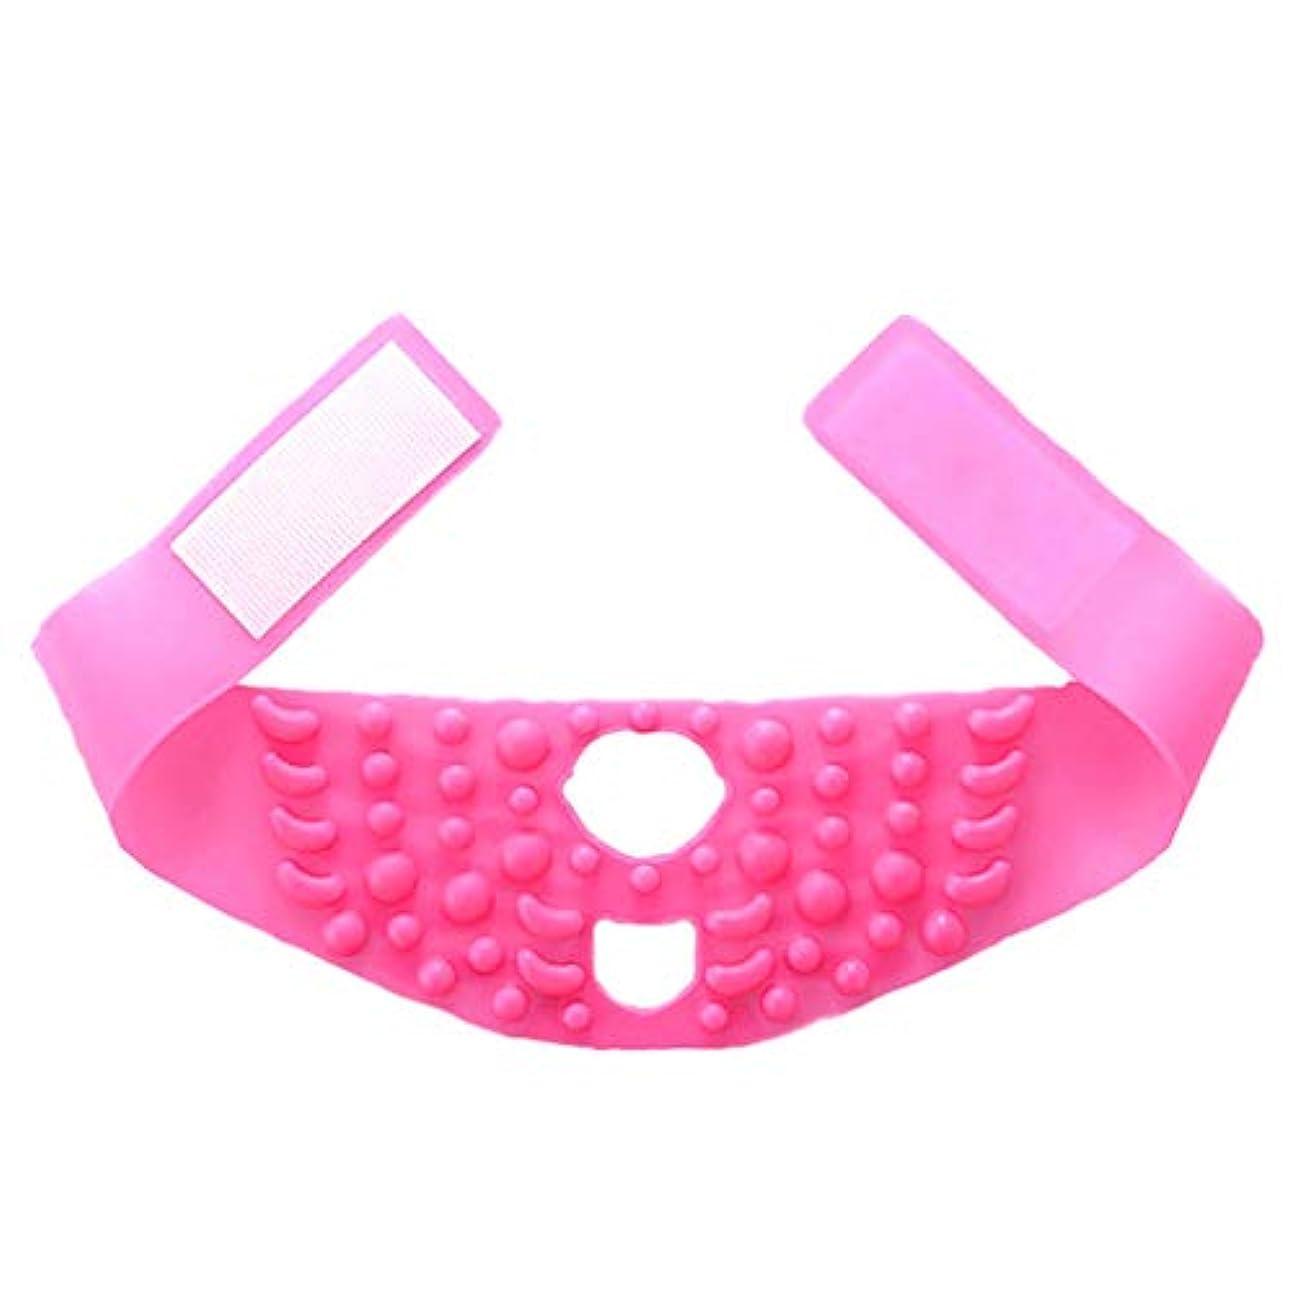 低下添加剤かすかなGLJJQMY 顔の持ち上がるマスクのあごのリボンのシリコーンVのマスクのマスク強力な包帯Vの表面の人工物小さいVの顔の包帯顔および首の持ち上がるピンクのシリコーンの包帯 顔用整形マスク